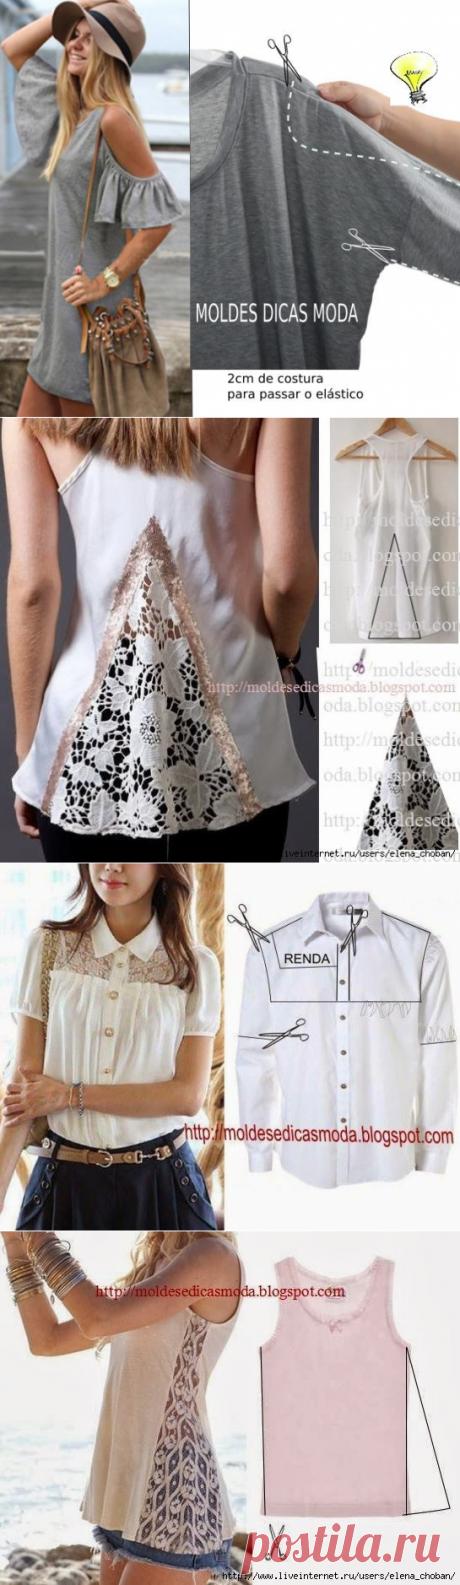 10 стильных и простых идей по переделке блузок и кофт